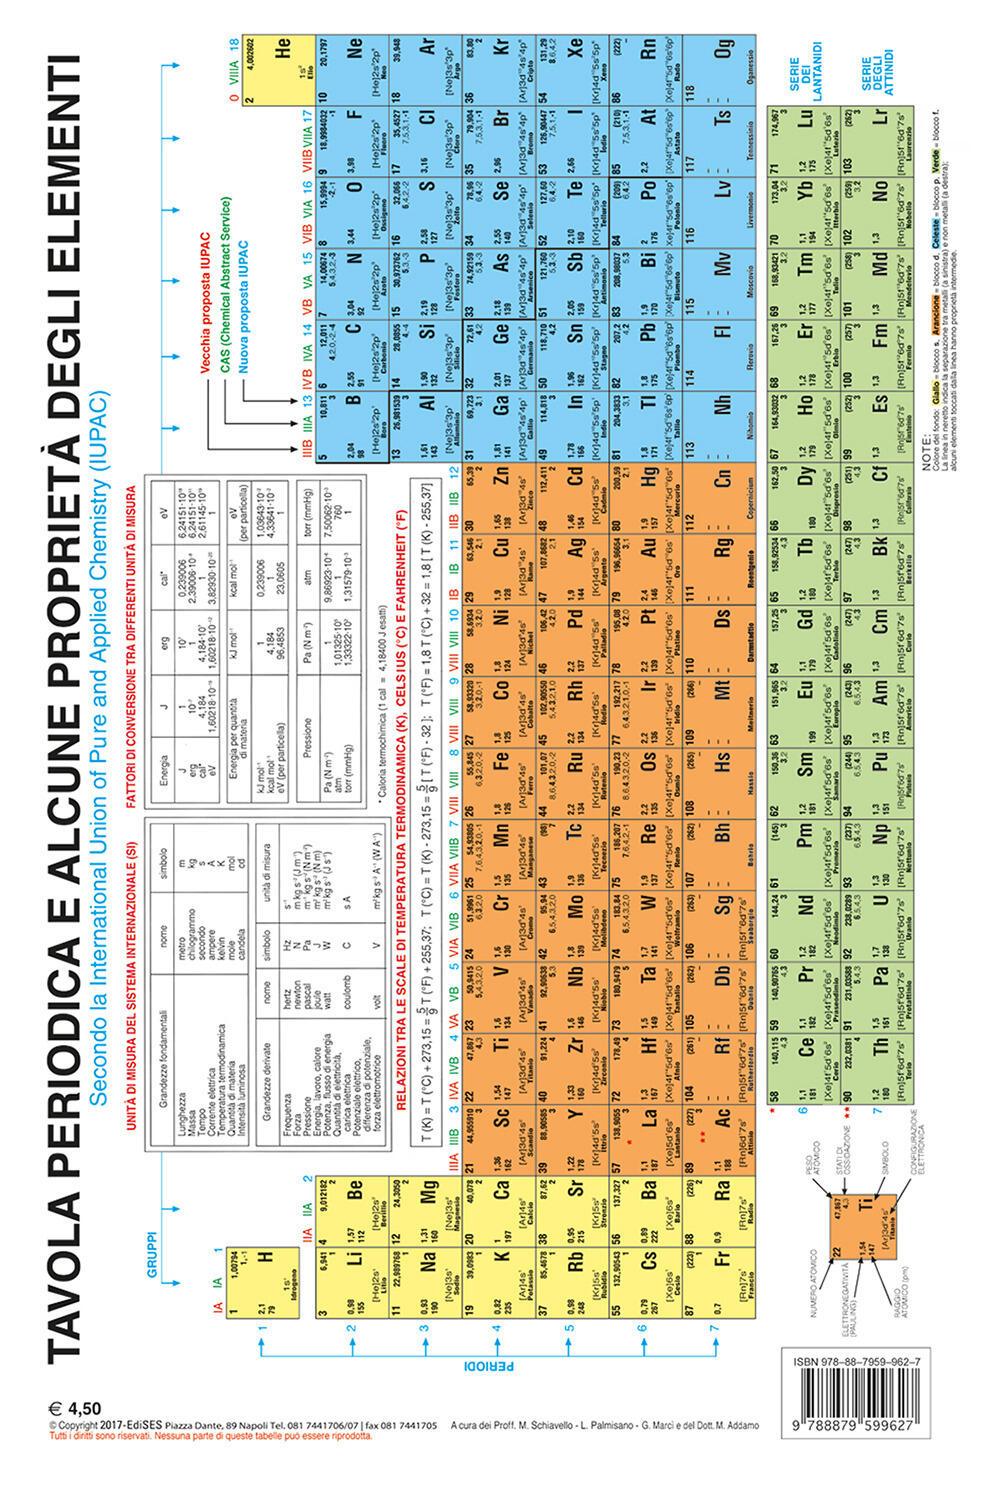 Tavola periodica e alcune propriet degli elementi - Tavola periodica in inglese ...